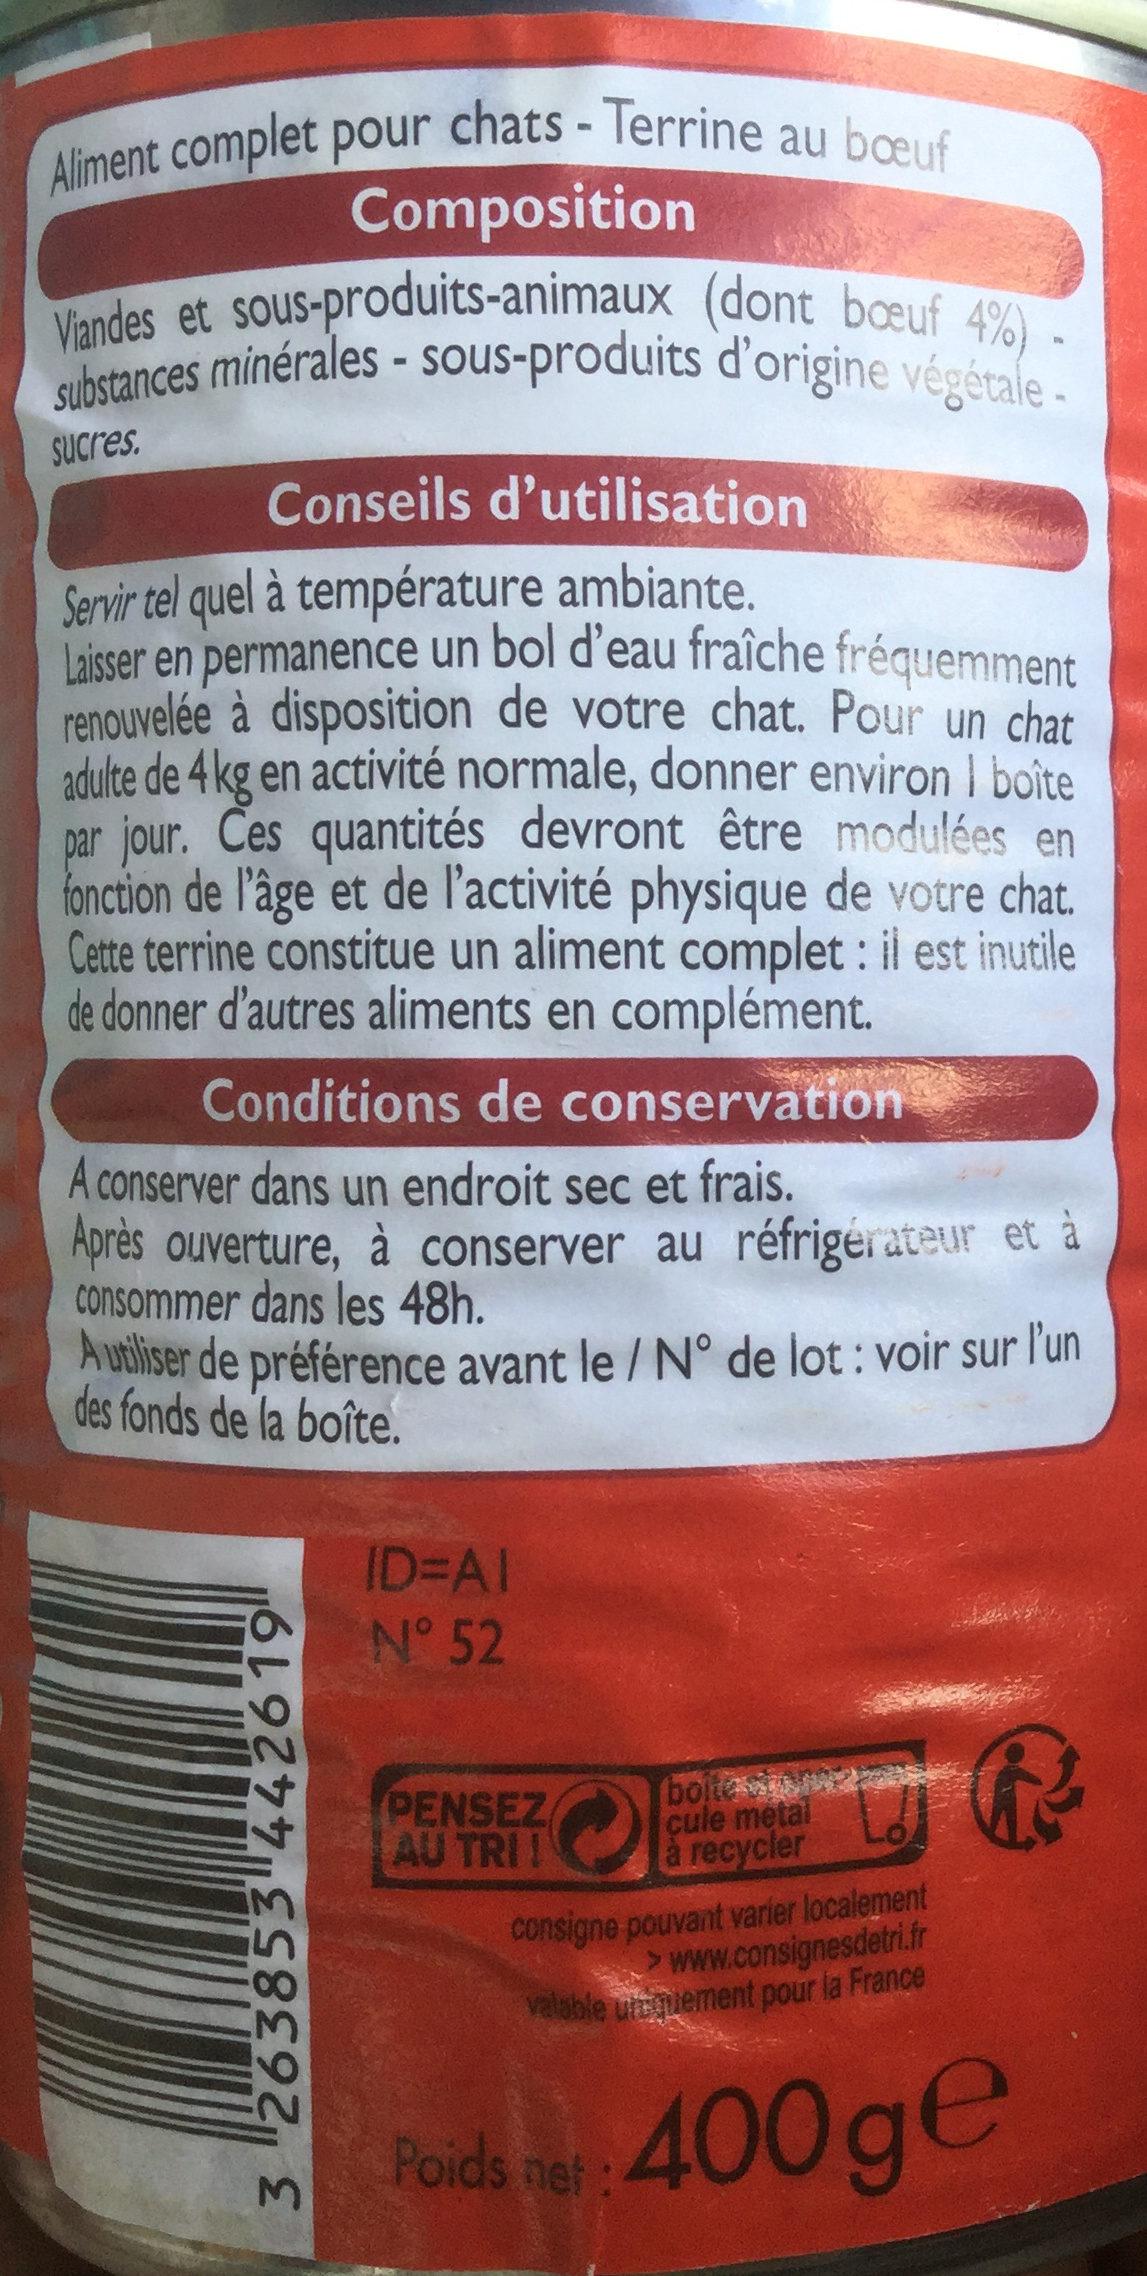 Terrine au bœuf - Ingredients